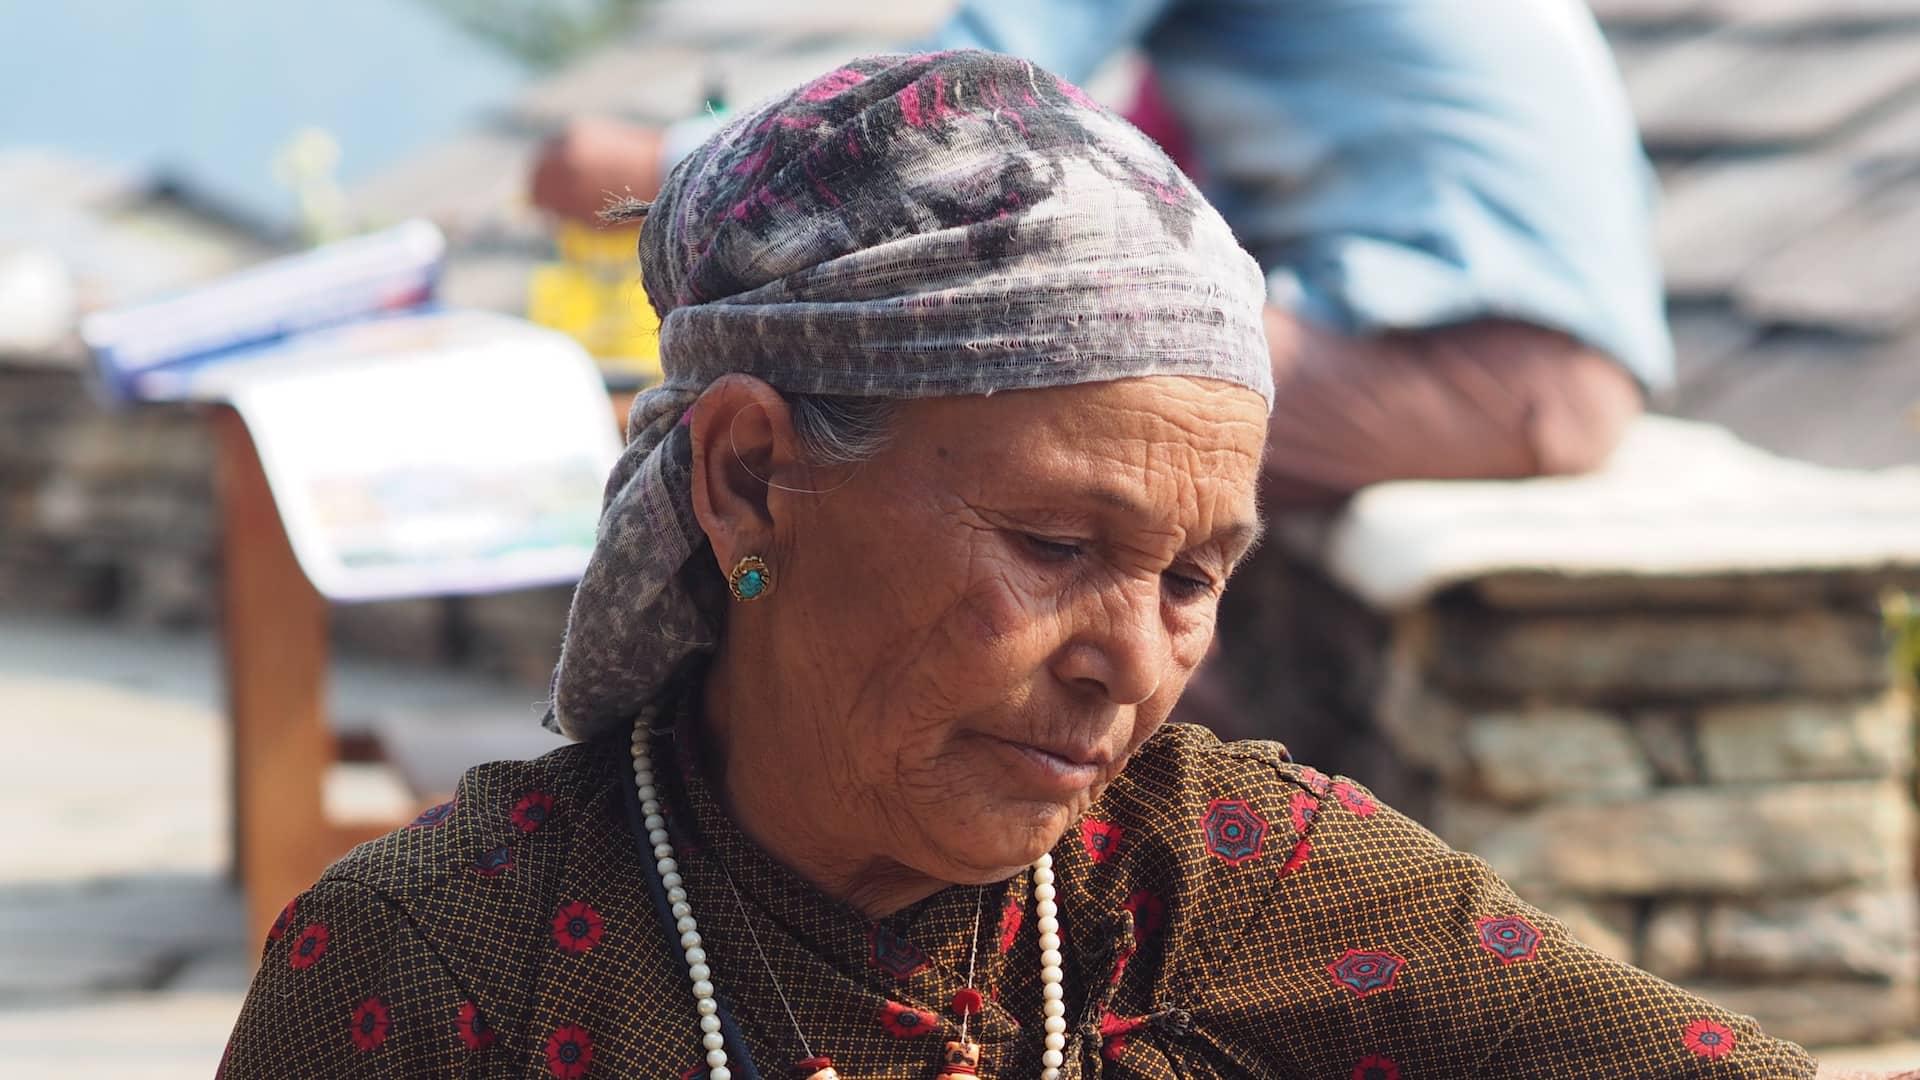 I BELIEVE IN WOMEN - A TRAVELLER'S TALE ON INTERNATIONAL WOMEN'S DAY